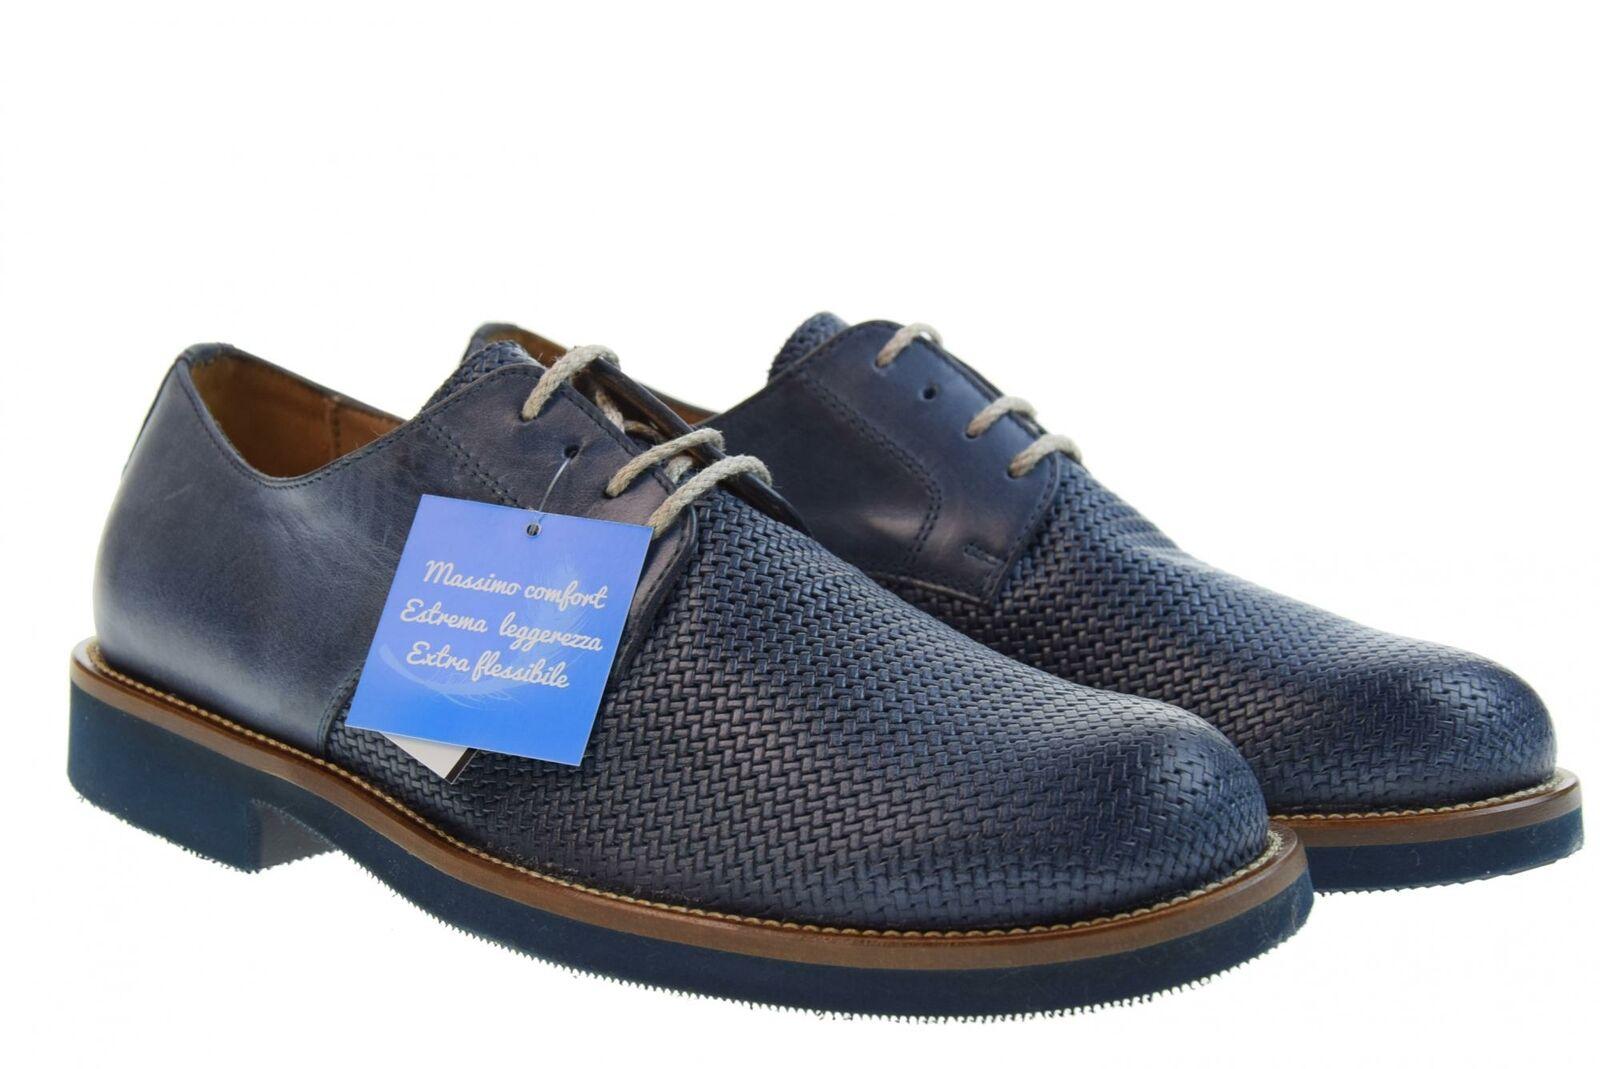 Antica Cuoieria P19s shoes de hombre clásicos 20795-S-V96 ICARO IMPRESO blue